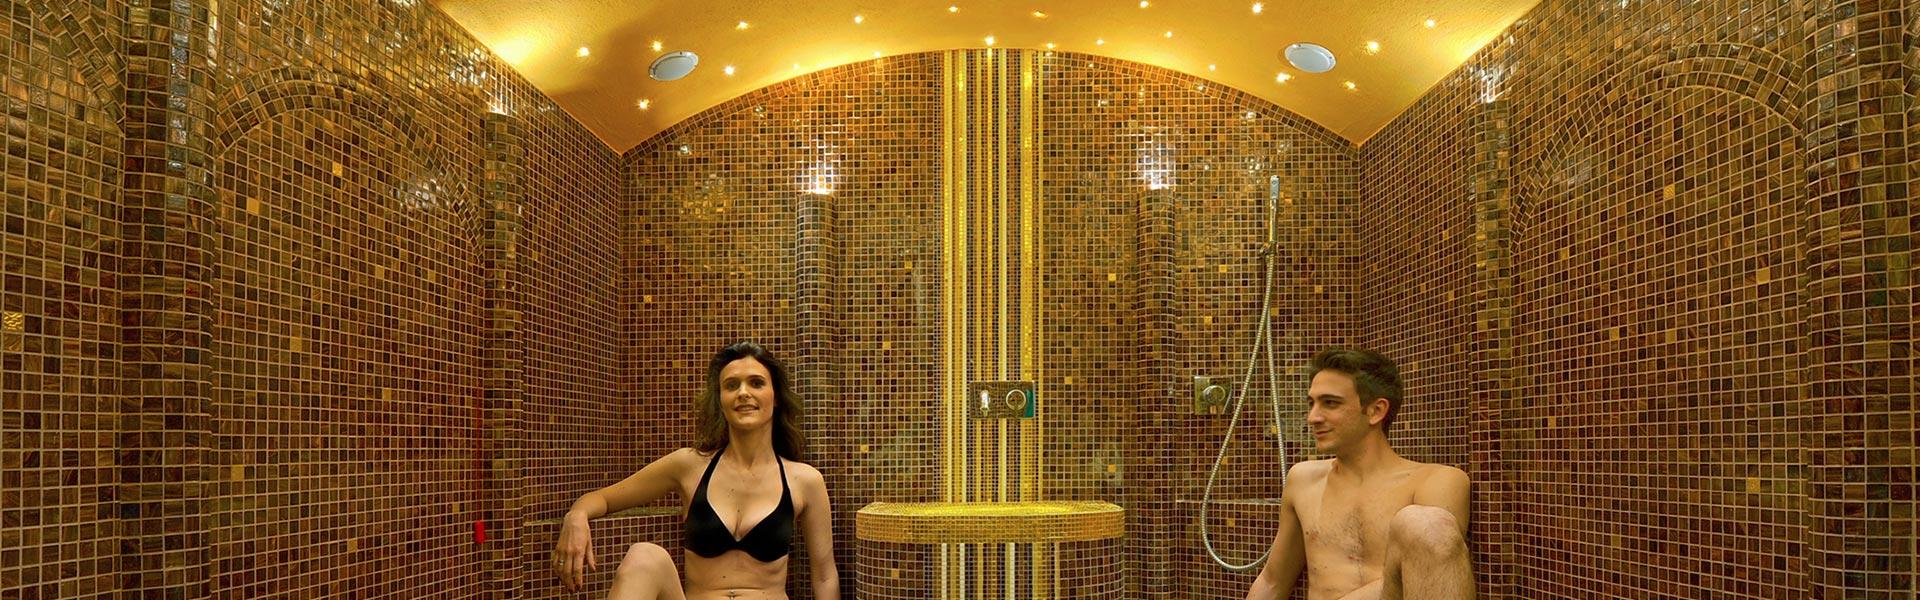 Abano Terme Sauna Bagno Turco.Le Spa Coinvolgenti Percorsi Benessere Hotel Aurora Terme